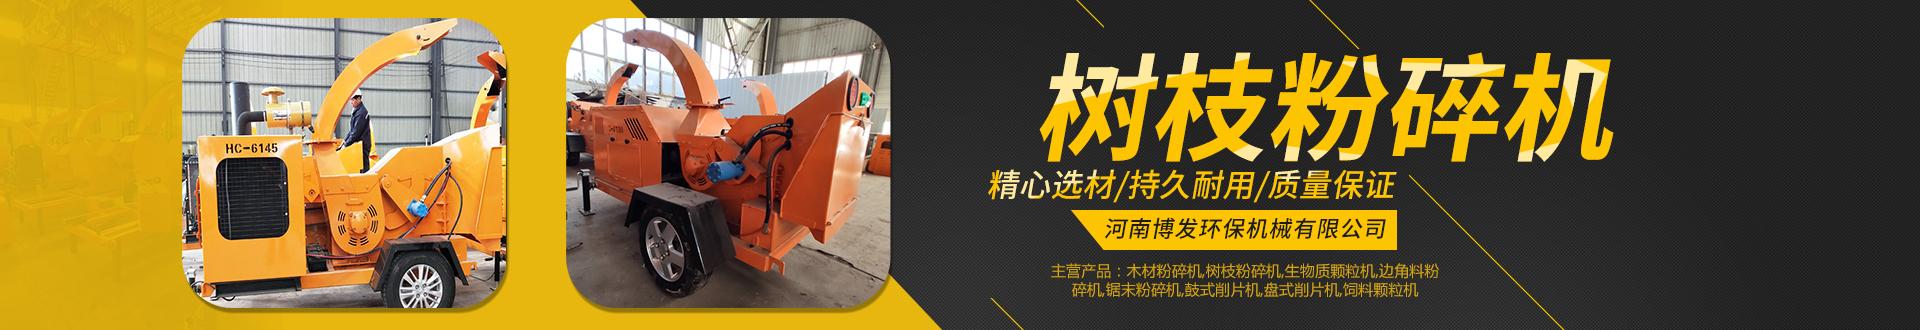 河南博发环保机械有限公司